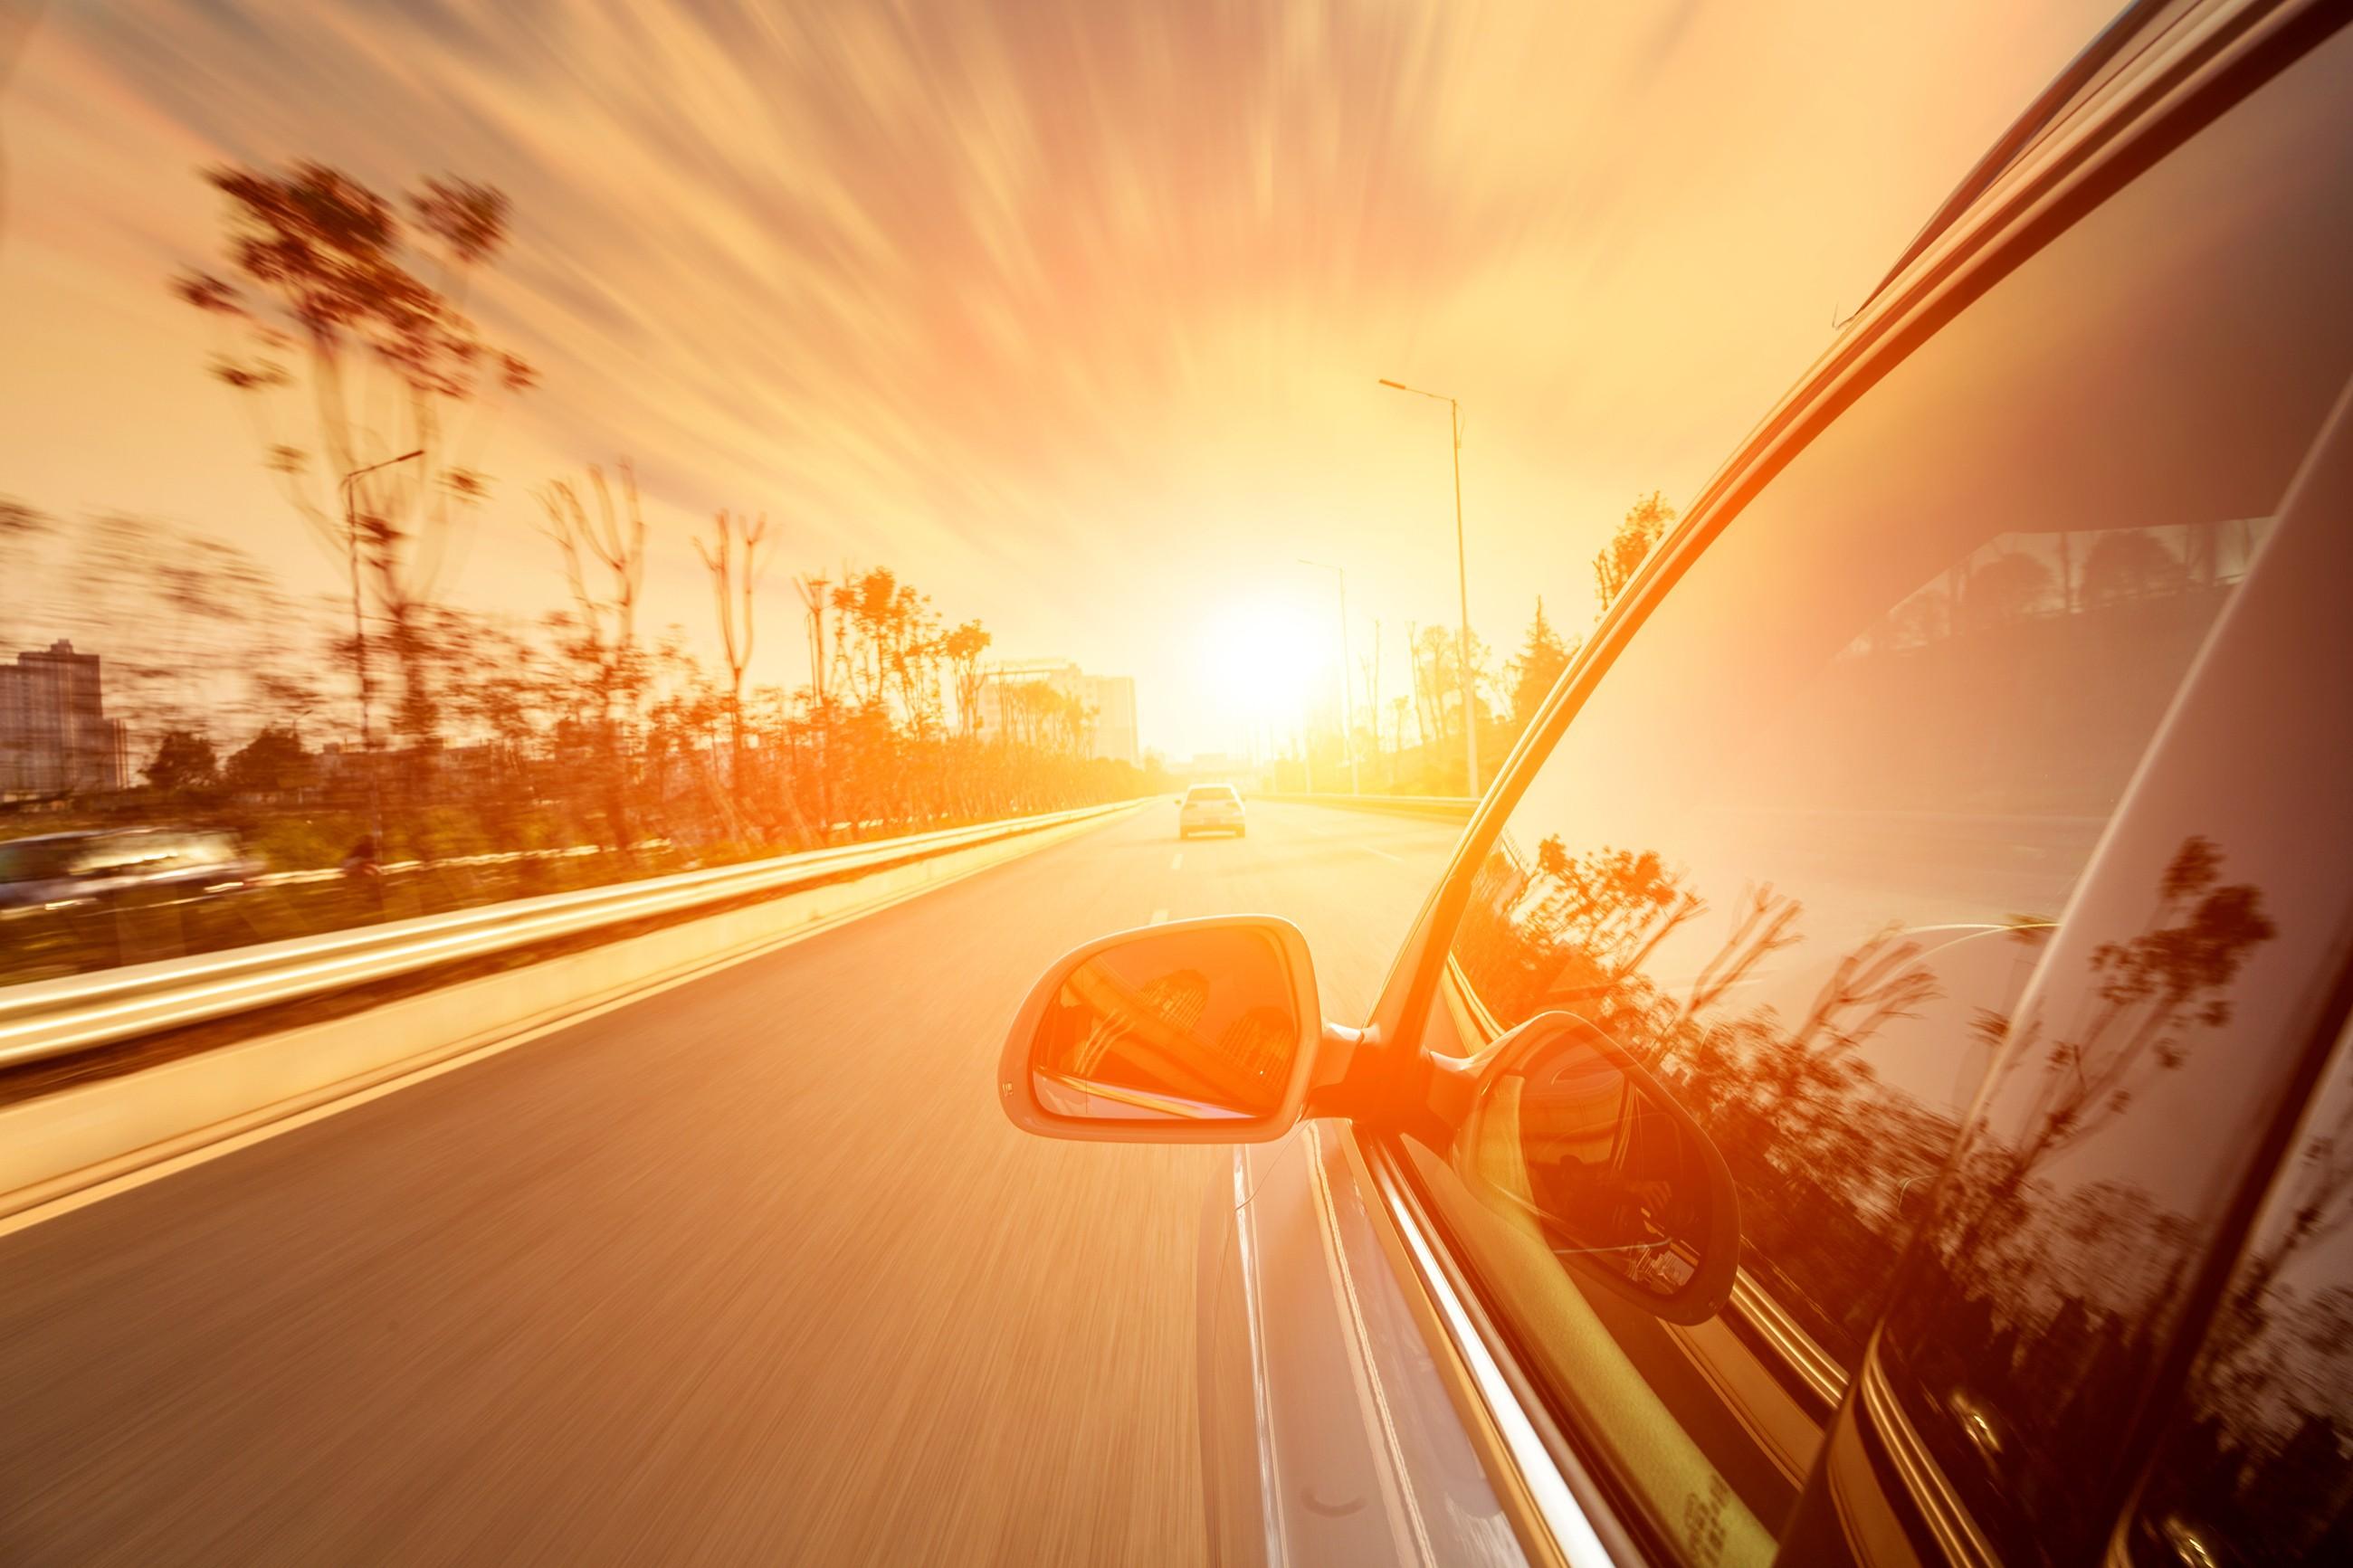 أشعة الشمس الفوق بنفسجية ! ماذا تعني ولماذا يجب أن نحذر منها ؟